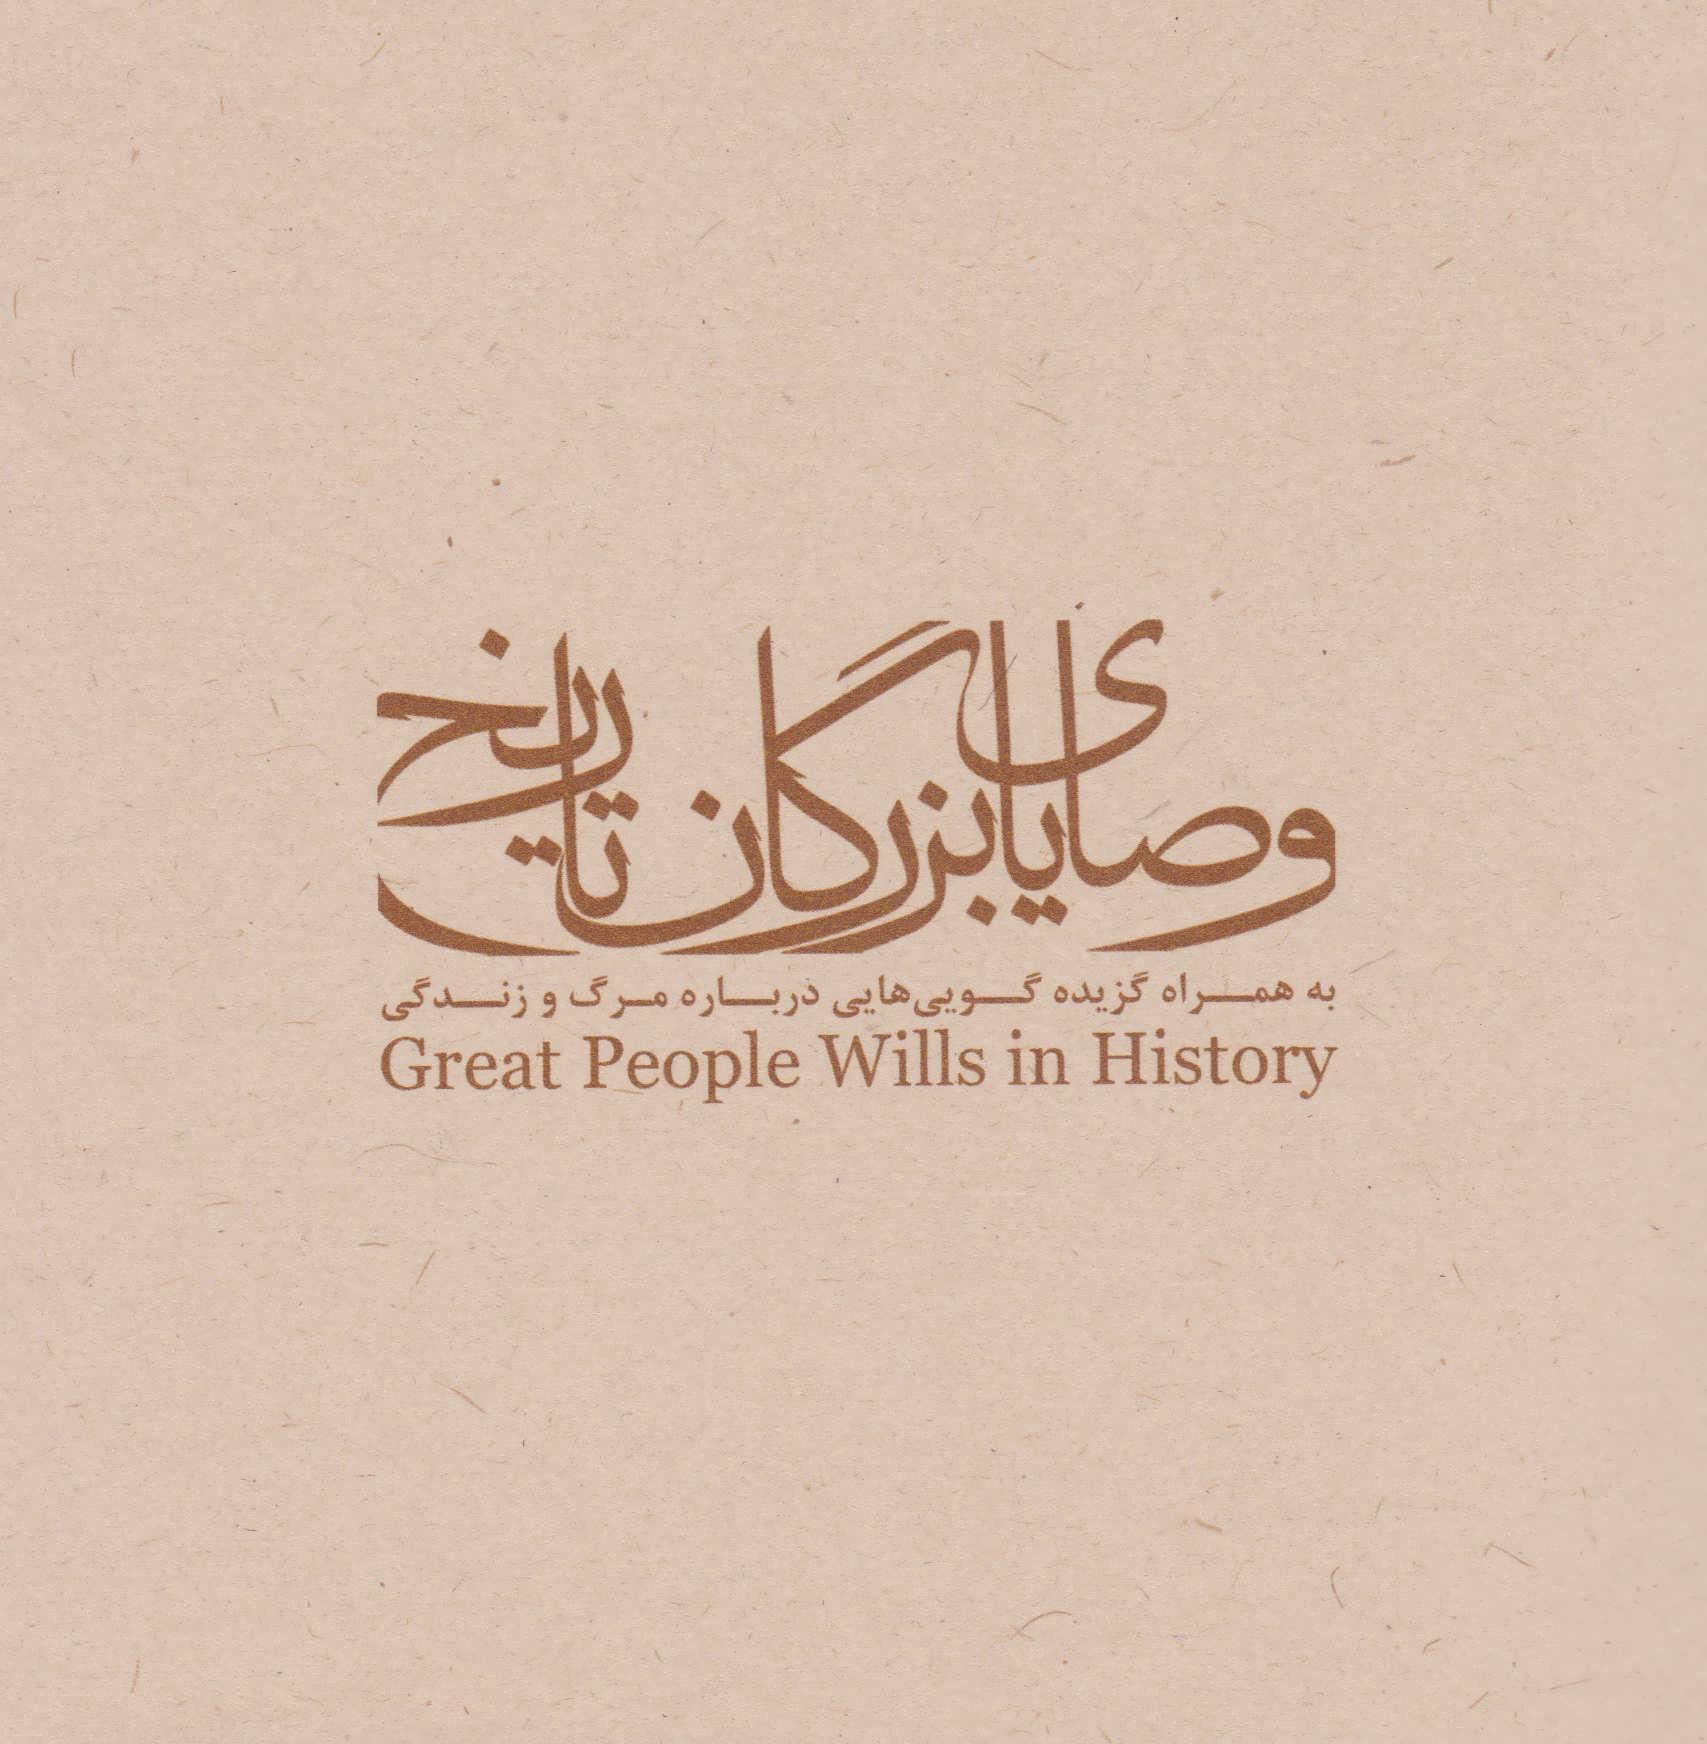 وصایای بزرگان تاریخ (به همراه گزیده گویی هایی درباره مرگ و زندگی)